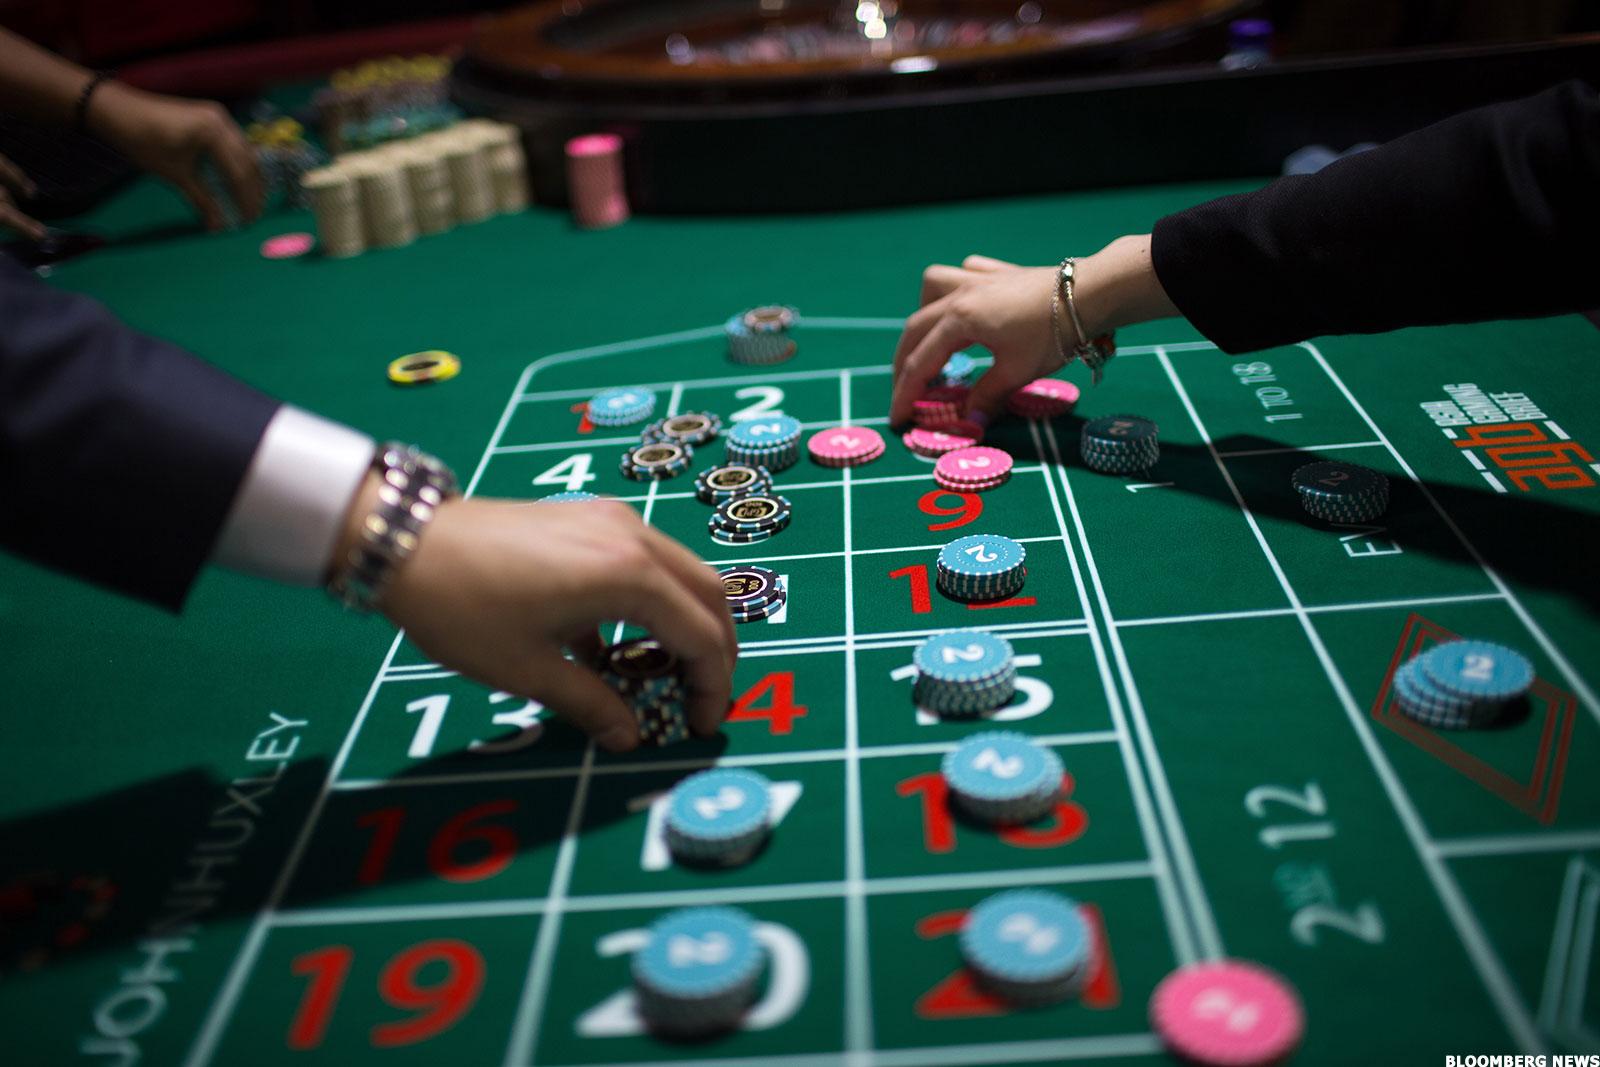 Секреты казино как из игроков вытягивают деньги - BBC News.